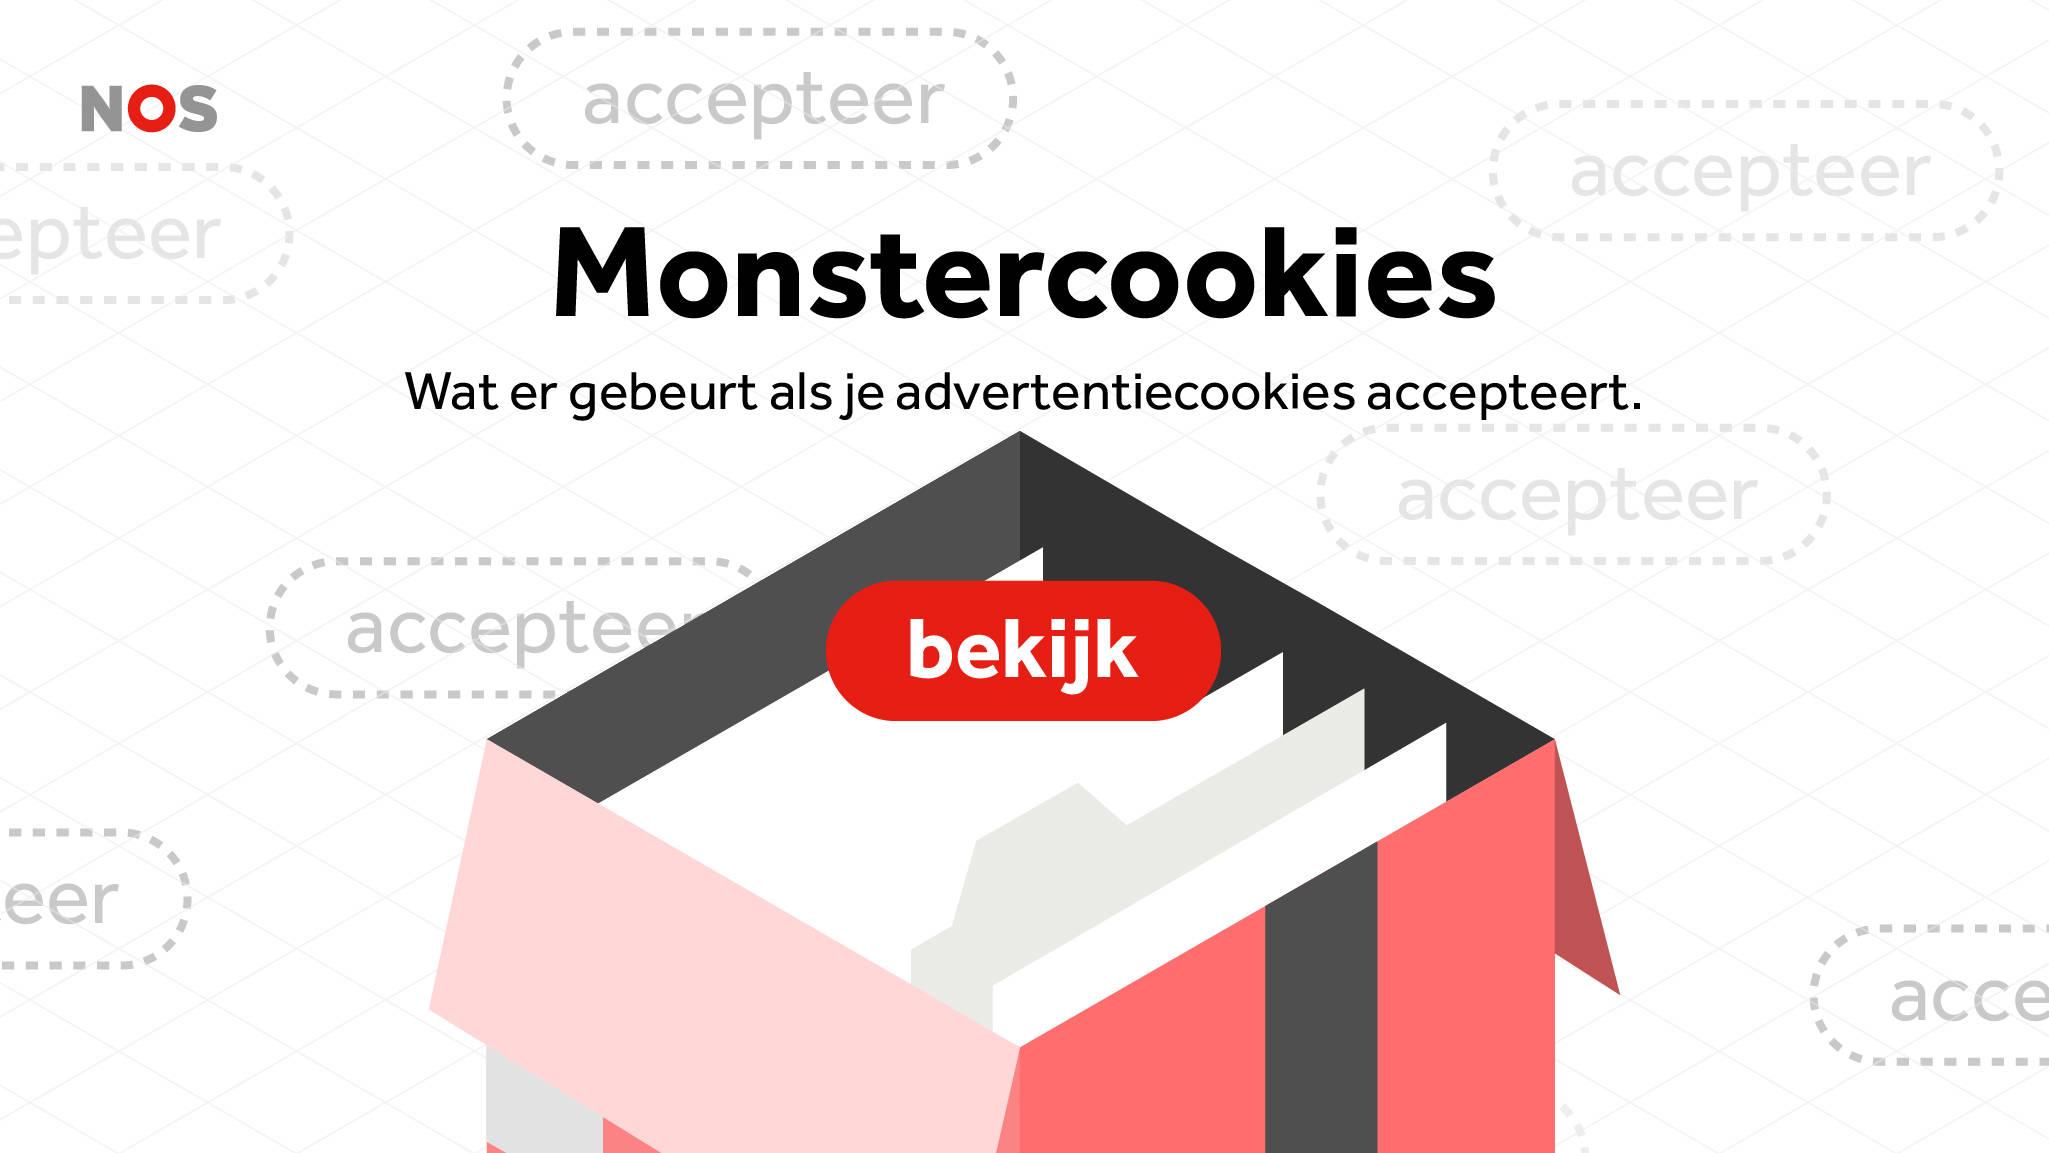 Monstercookies 🍪: de advertentiehandel achter jouw klik